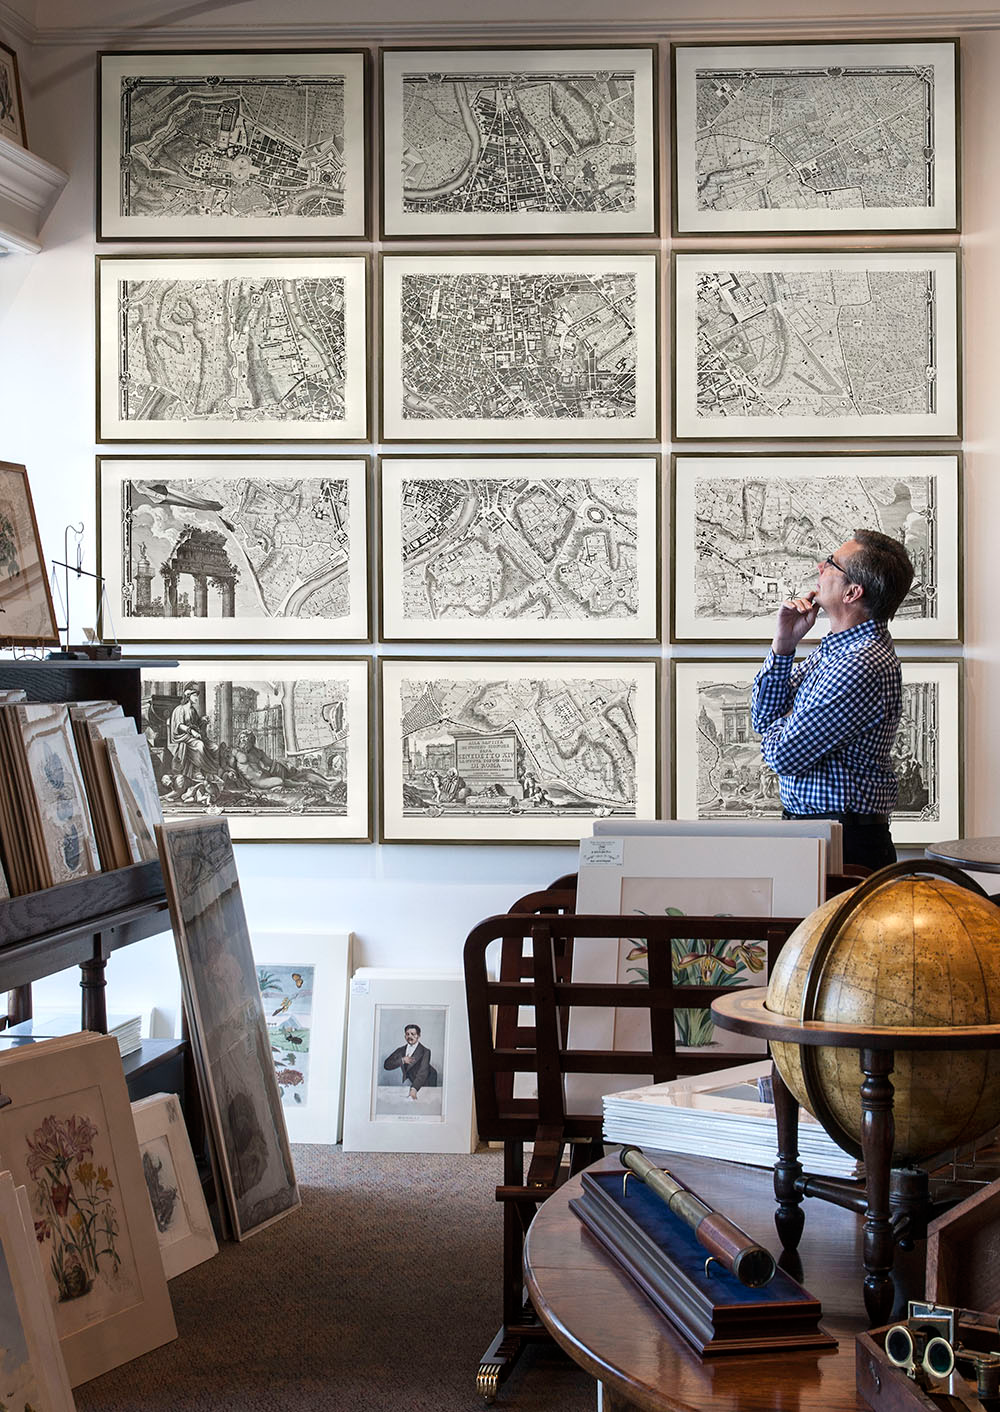 Image Result For Framed Maps In Living Room Framed Maps Custom Framing Rome